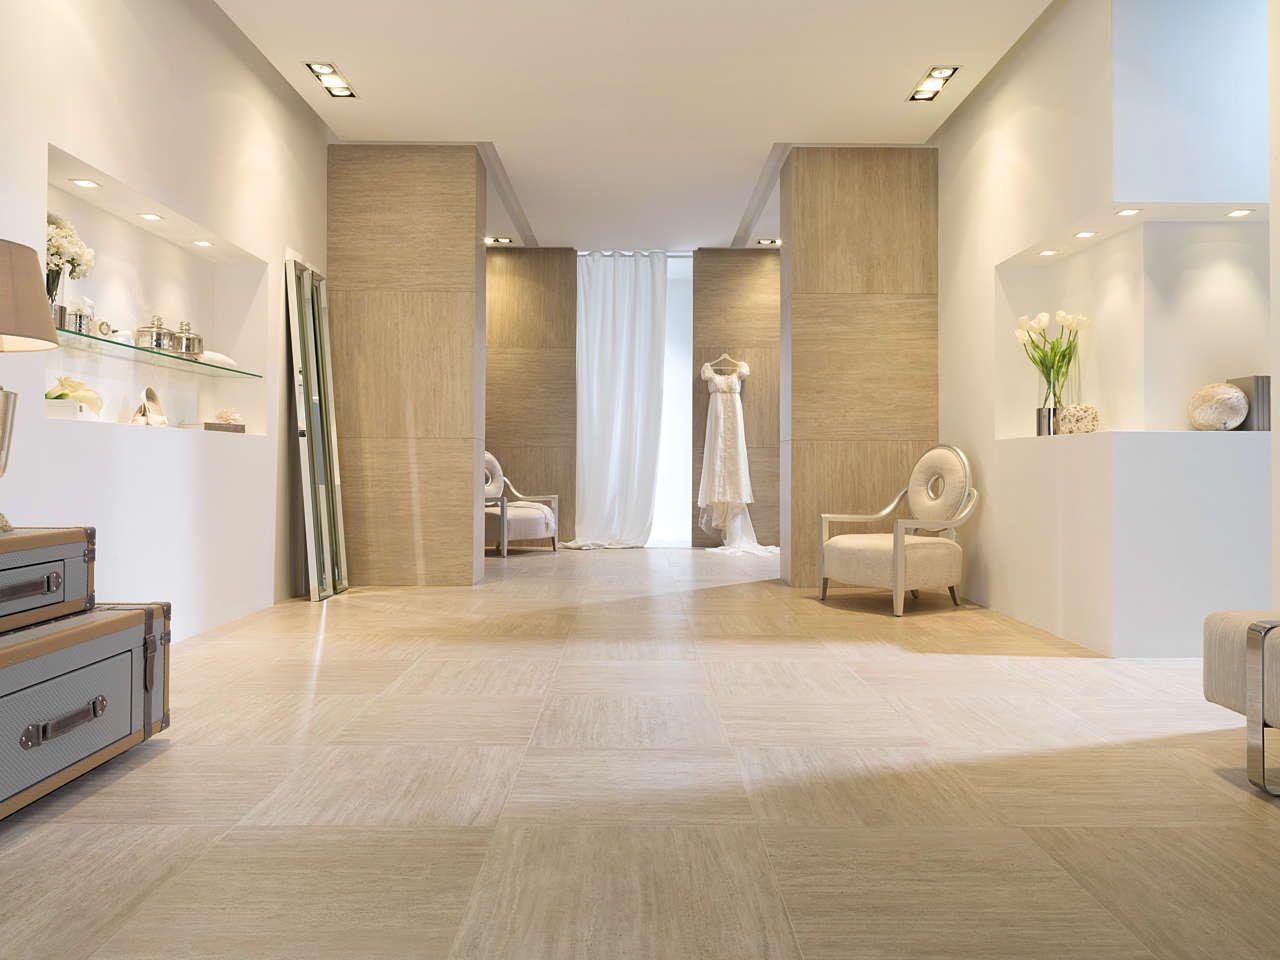 collection carrelage urbatek porcelanosa travertino beige. Black Bedroom Furniture Sets. Home Design Ideas